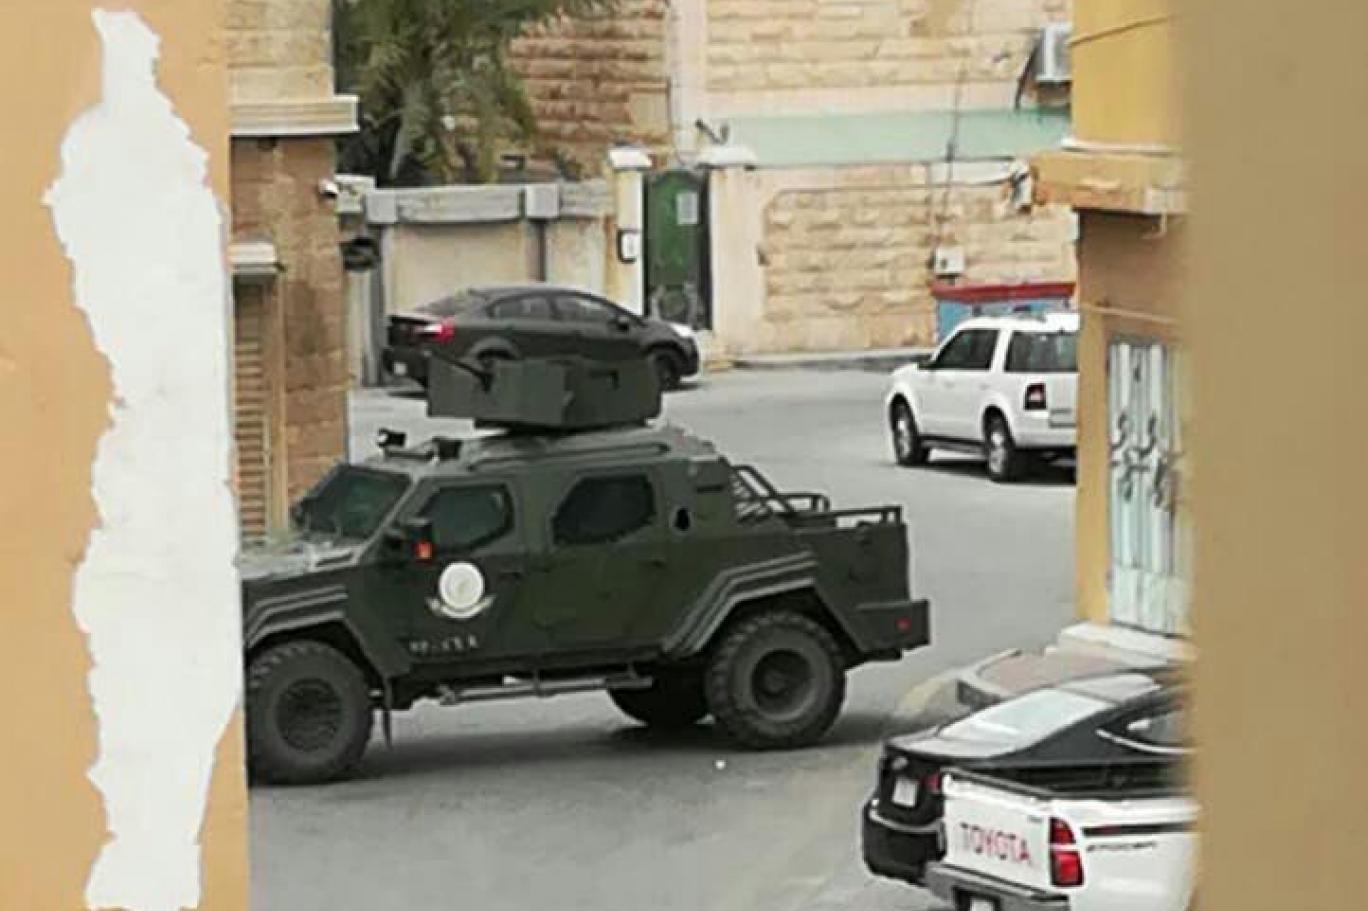 Nova Trumpova uvreda i novi zločin u Katifu, Saudijska arabija